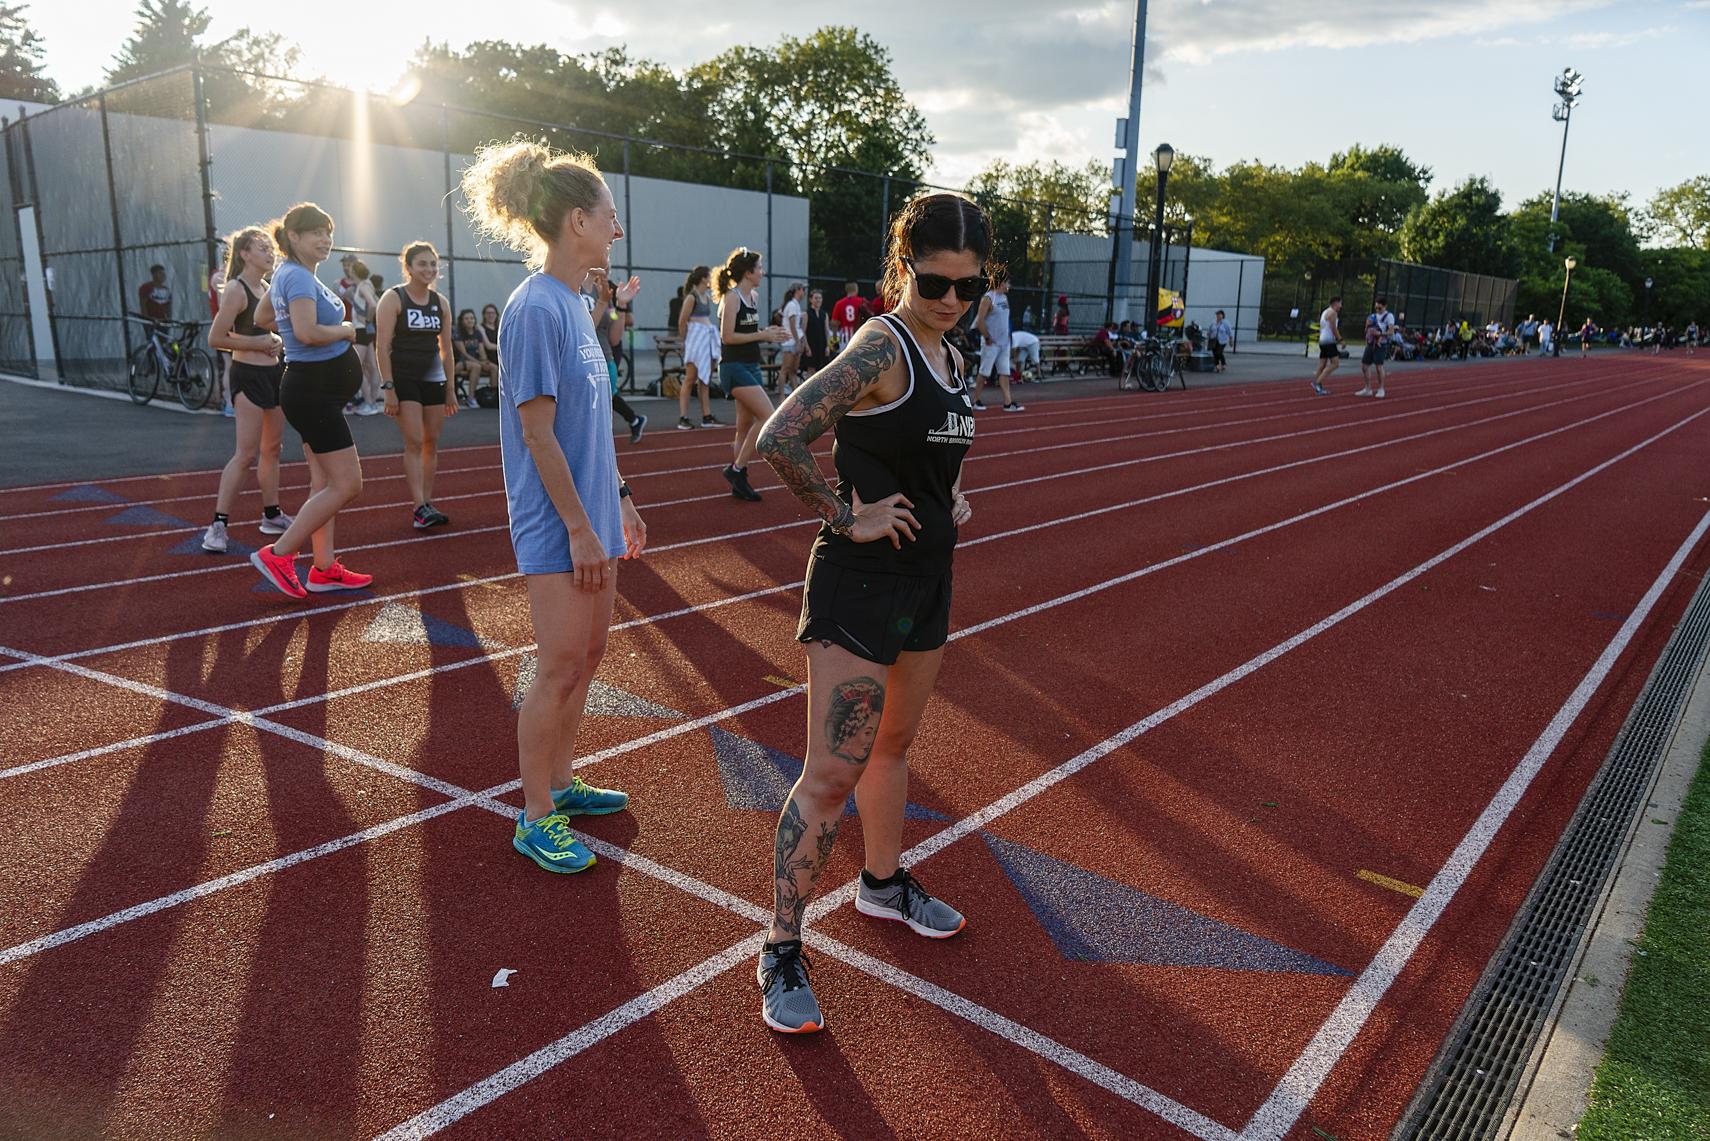 NBR McCarren Track Meet 2019-071219-Drew-ReynoldsDSC00117.jpg